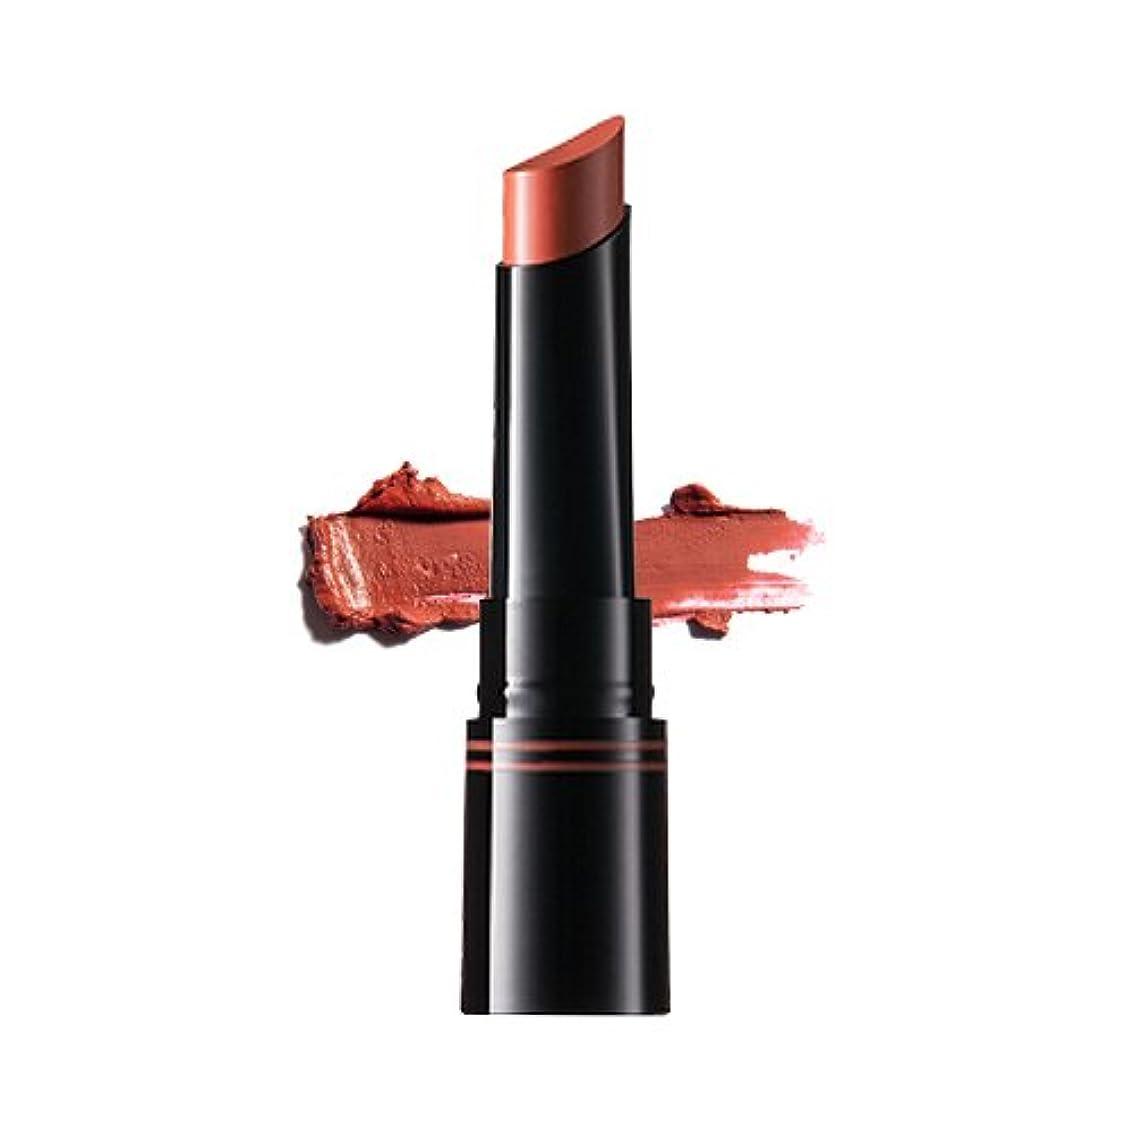 雷雨ハリウッドベスビオ山[New] TONYMOLY Perfect Lips Curving Lip Stick 2.5g/トニーモリー パーフェクト リップス カービング リップスティック 2.5g (#04 Rose Aura)